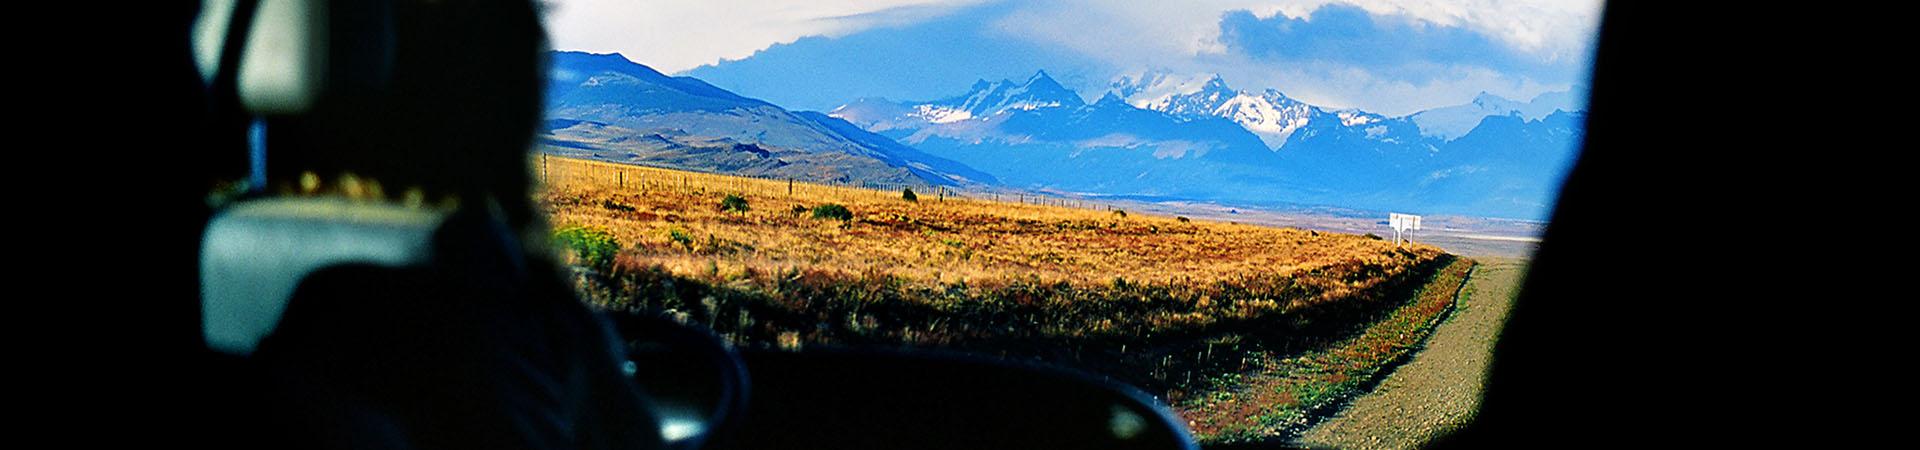 Cap al gran sud. Foto: Albert Padrol